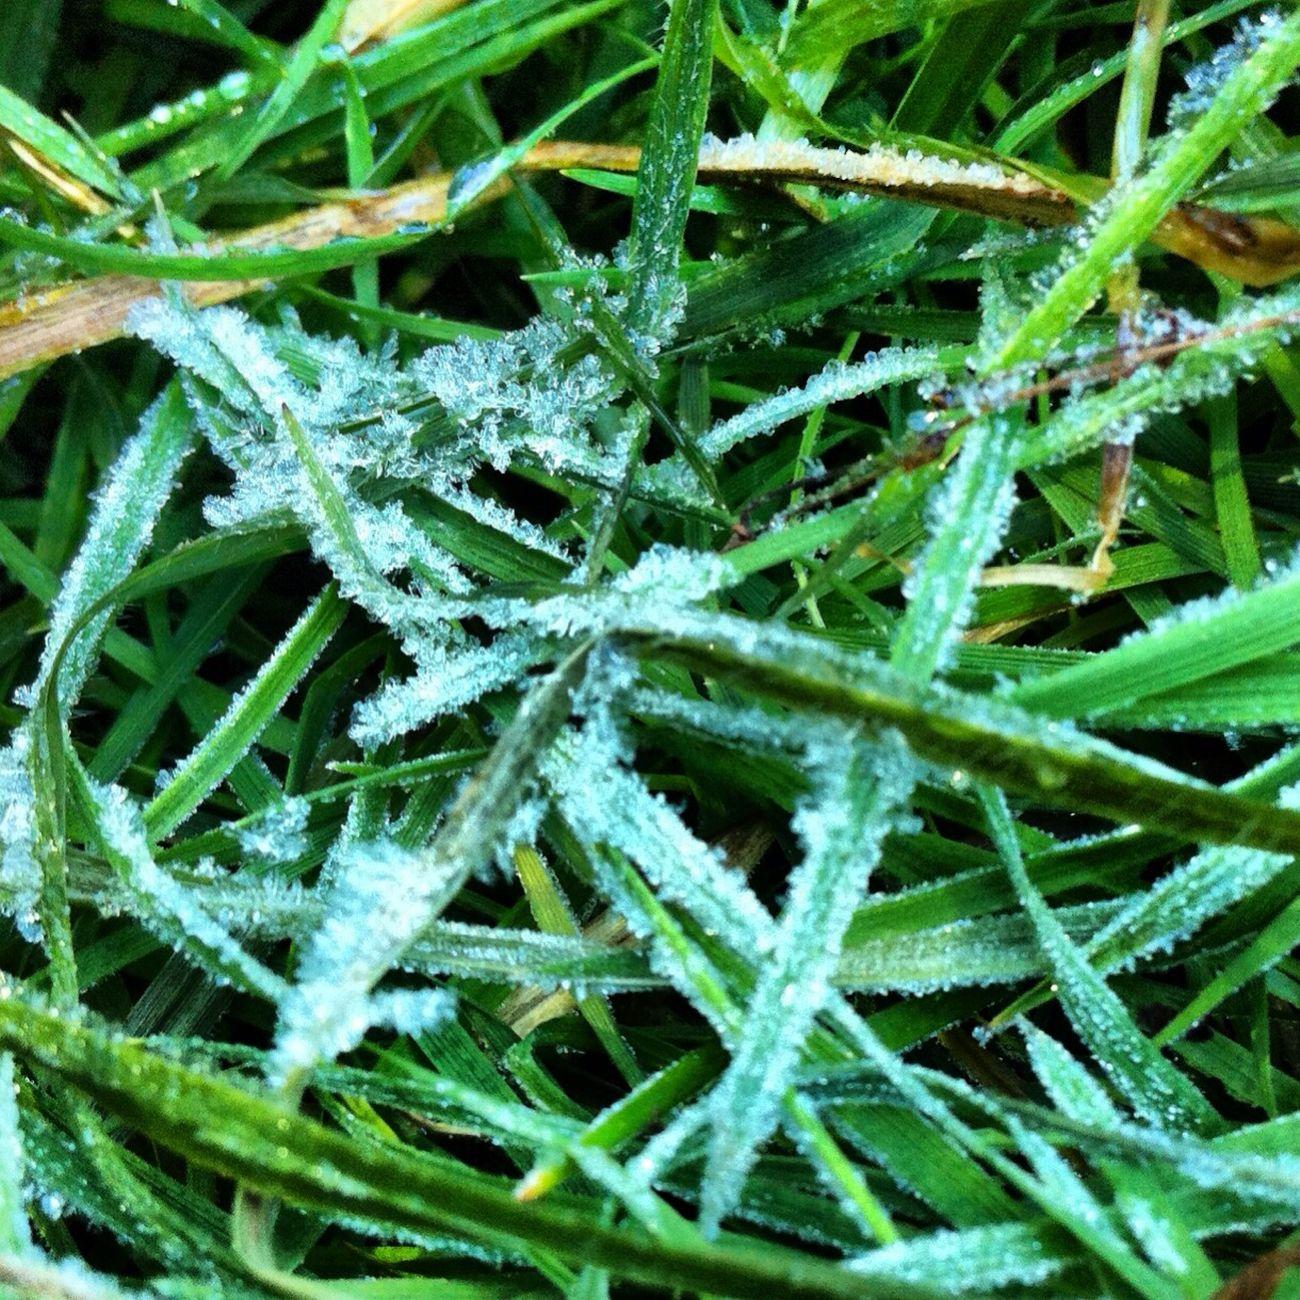 น้ำแข็งบนยอดหญ้าค่ะ